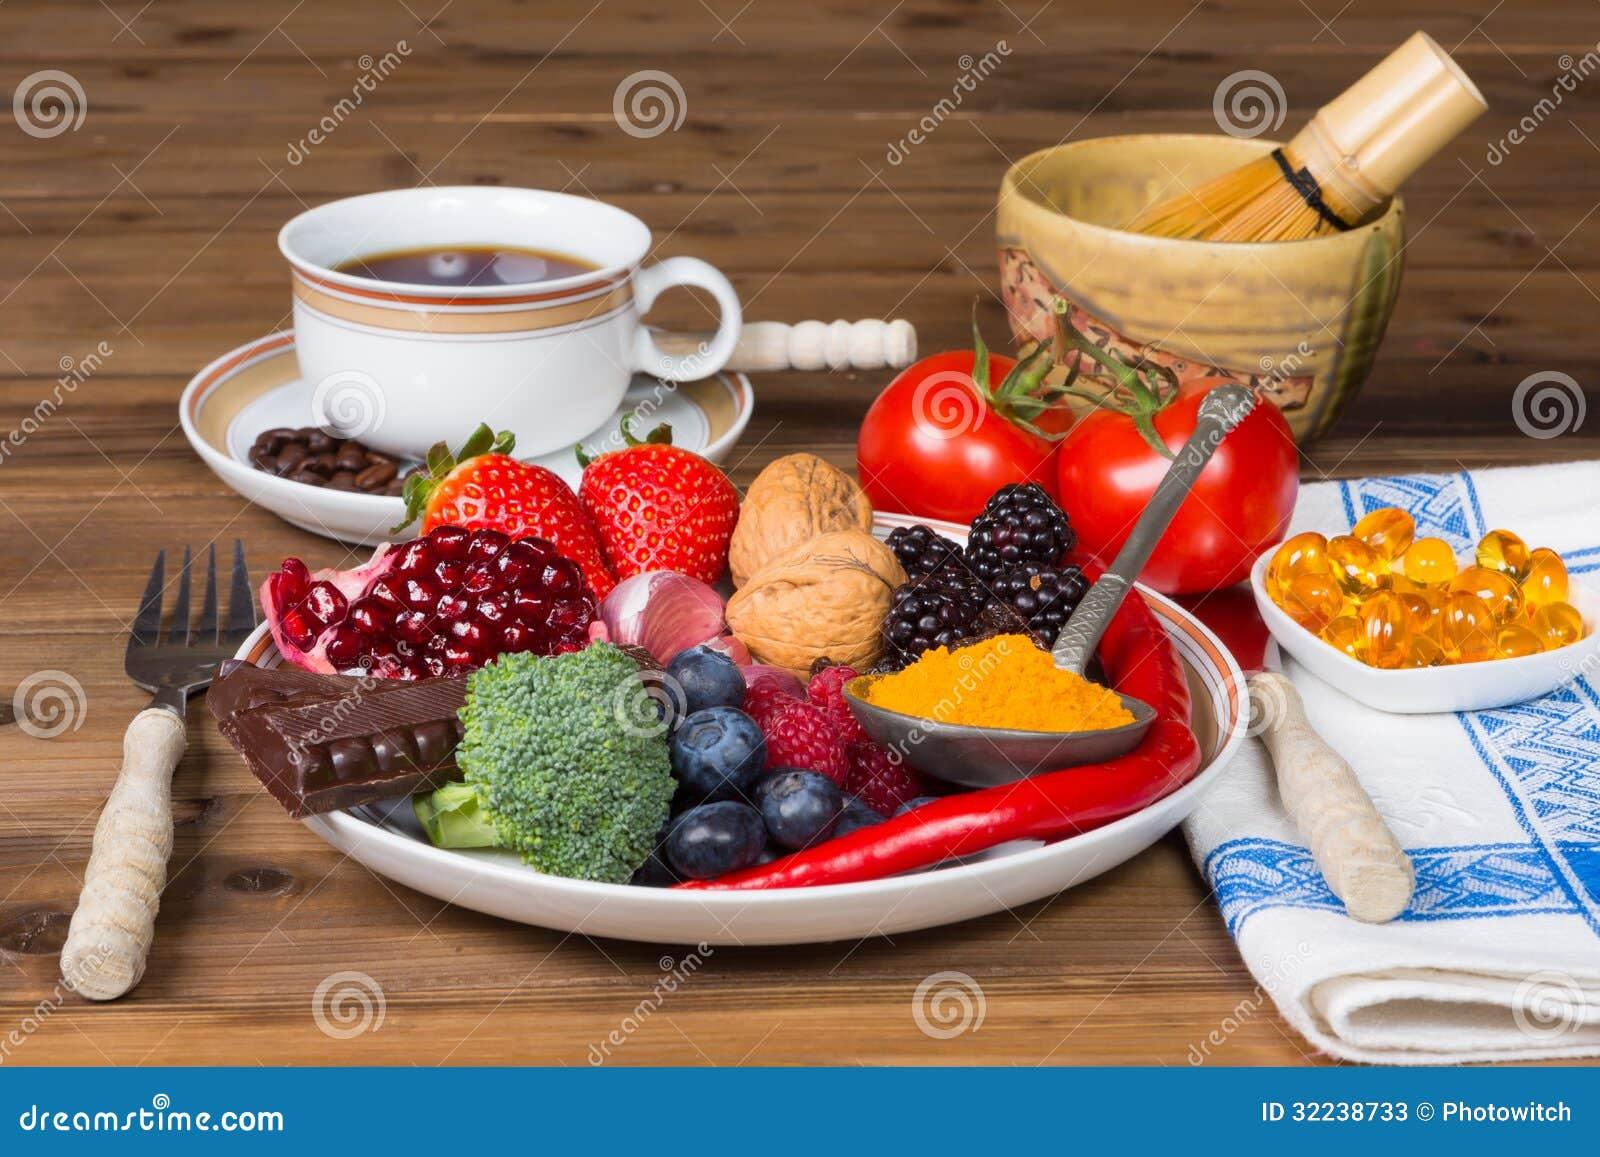 Antioxidantes para el desayuno